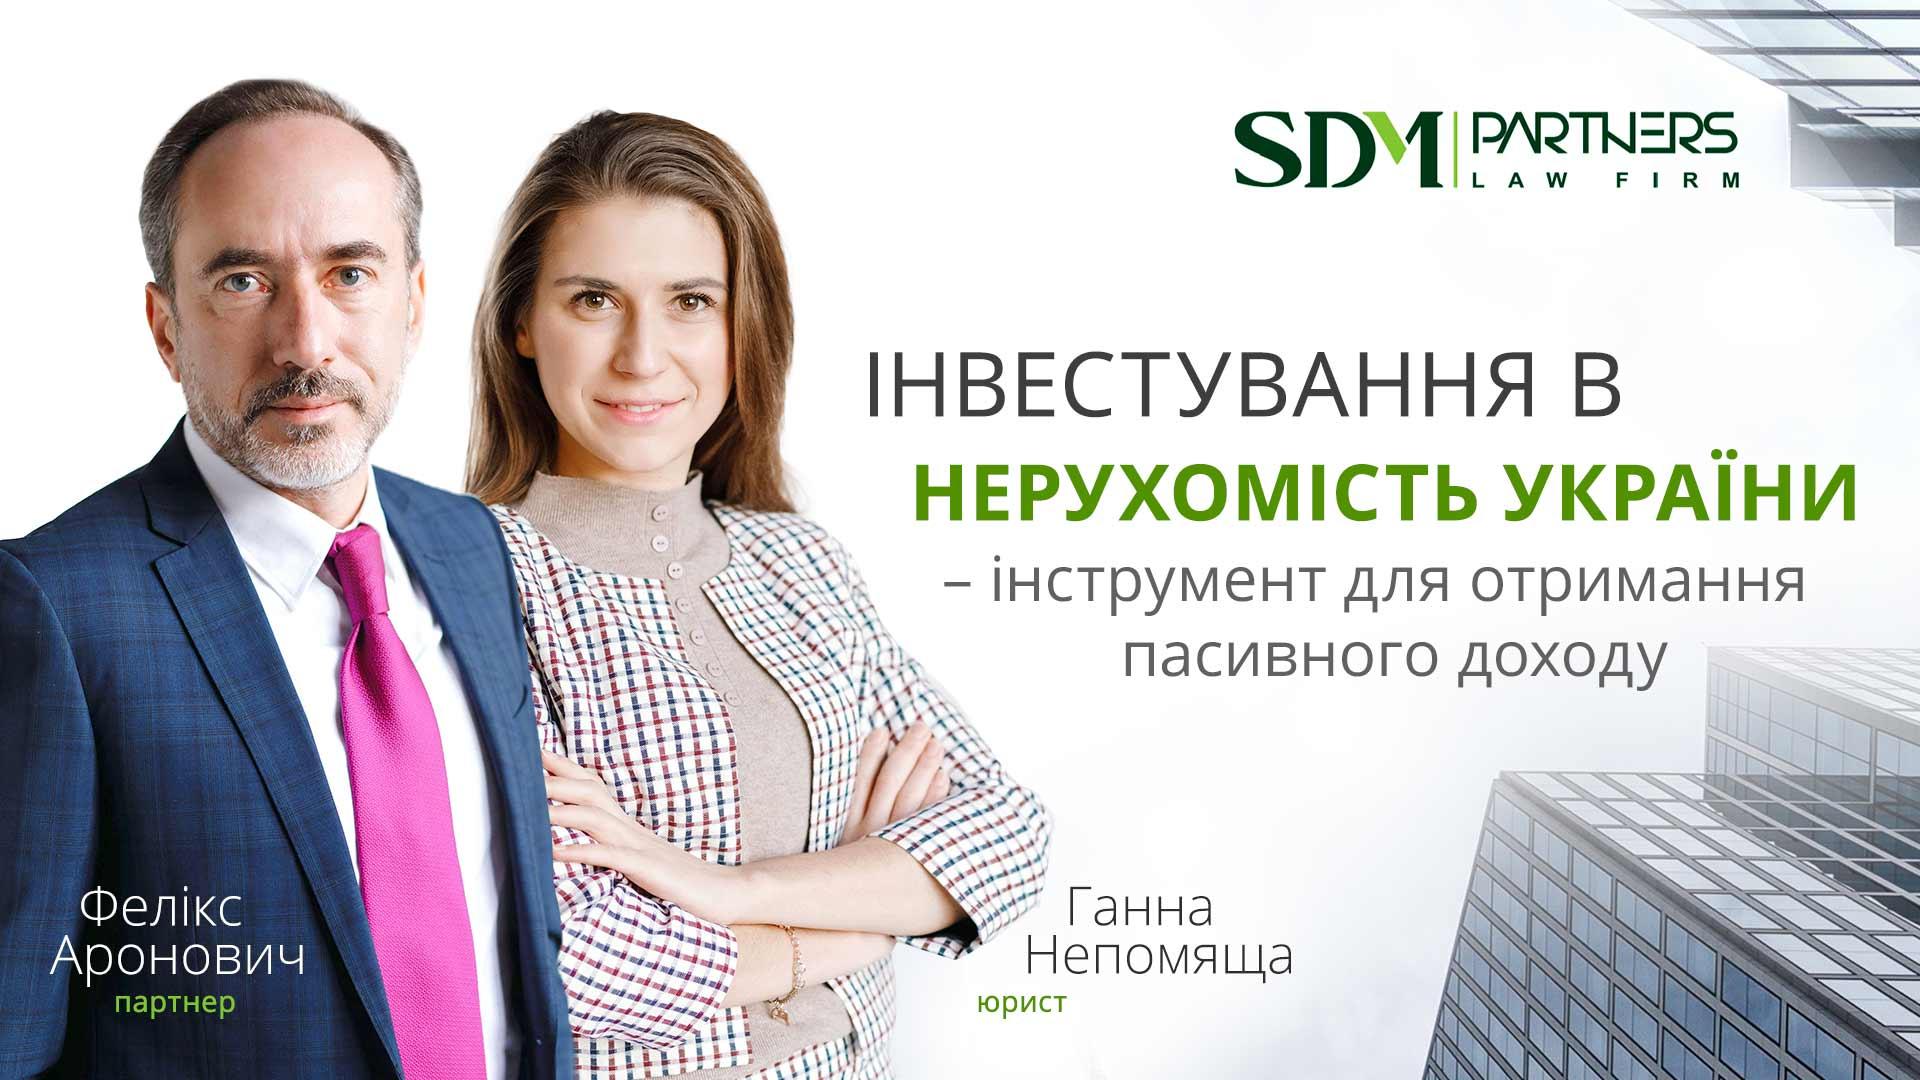 Інвестування в нерухомість України – інструмент для отримання пасивного доходу